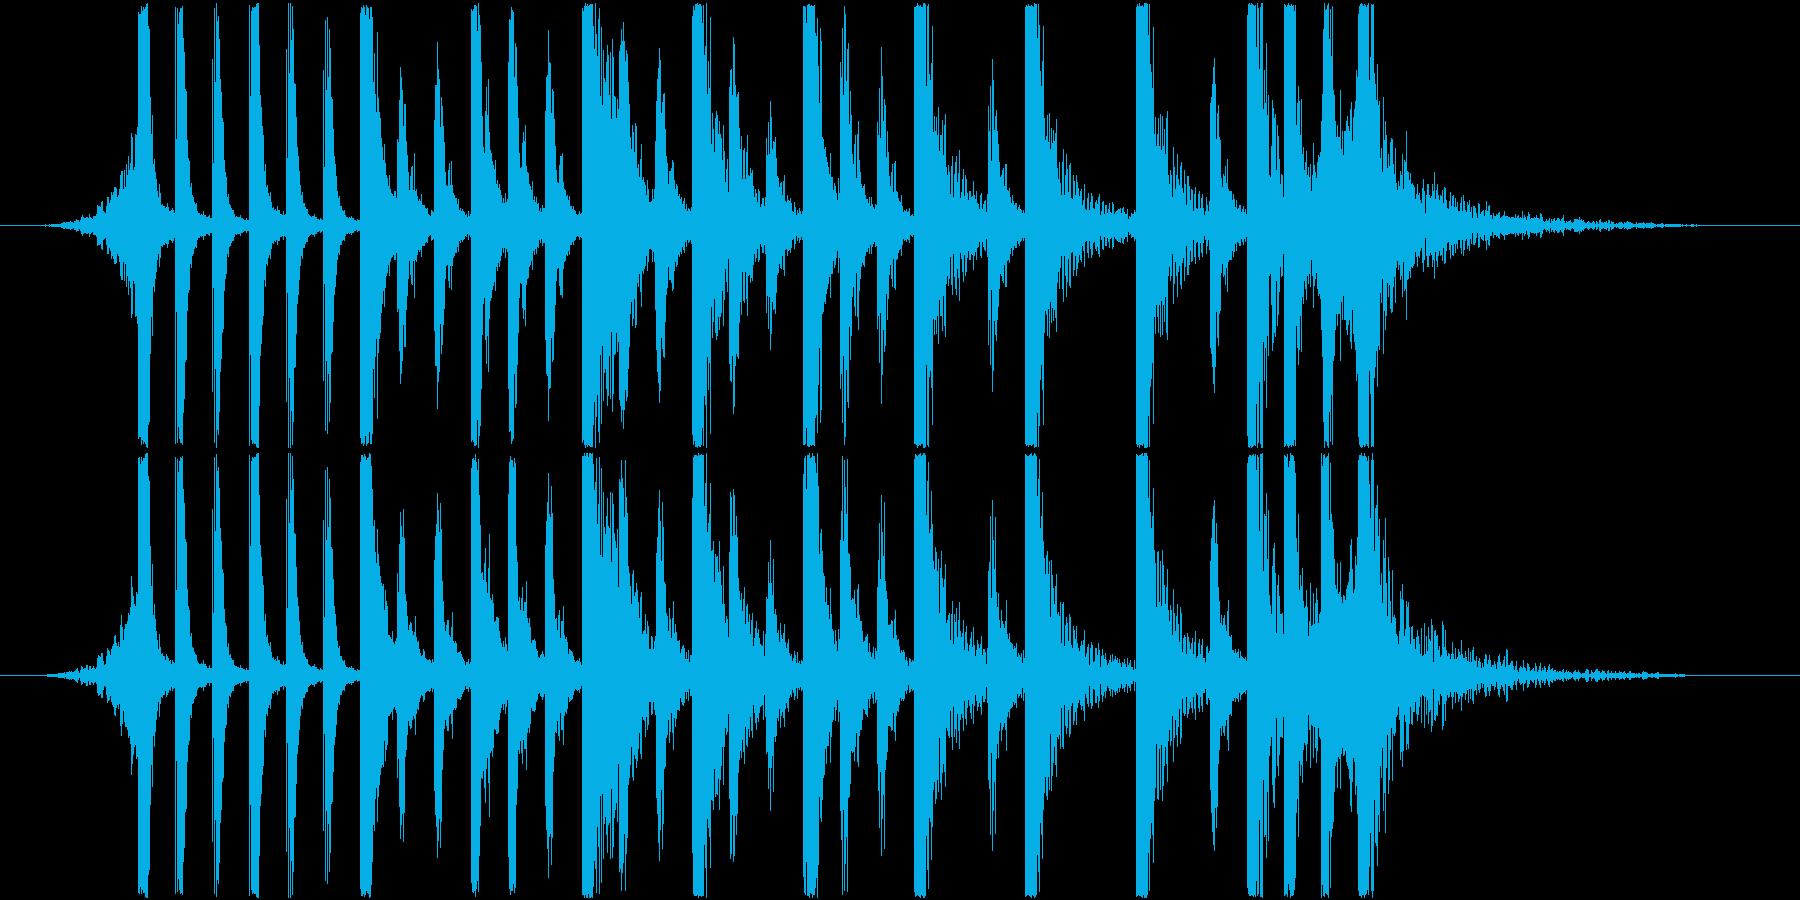 強力なリズムがみなぎる アップテンポの再生済みの波形